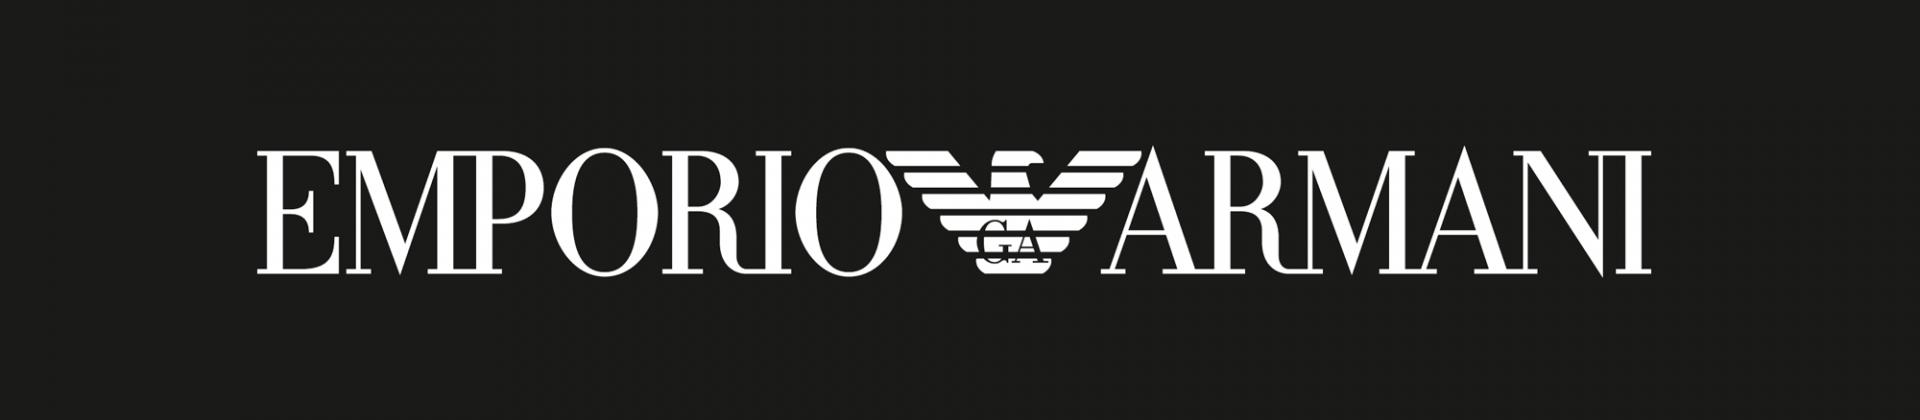 【ARMANI亞曼尼】經典羅馬黑色陶瓷三眼計時腕錶\情侶款(AR1410\AR1411)-玫瑰金 2